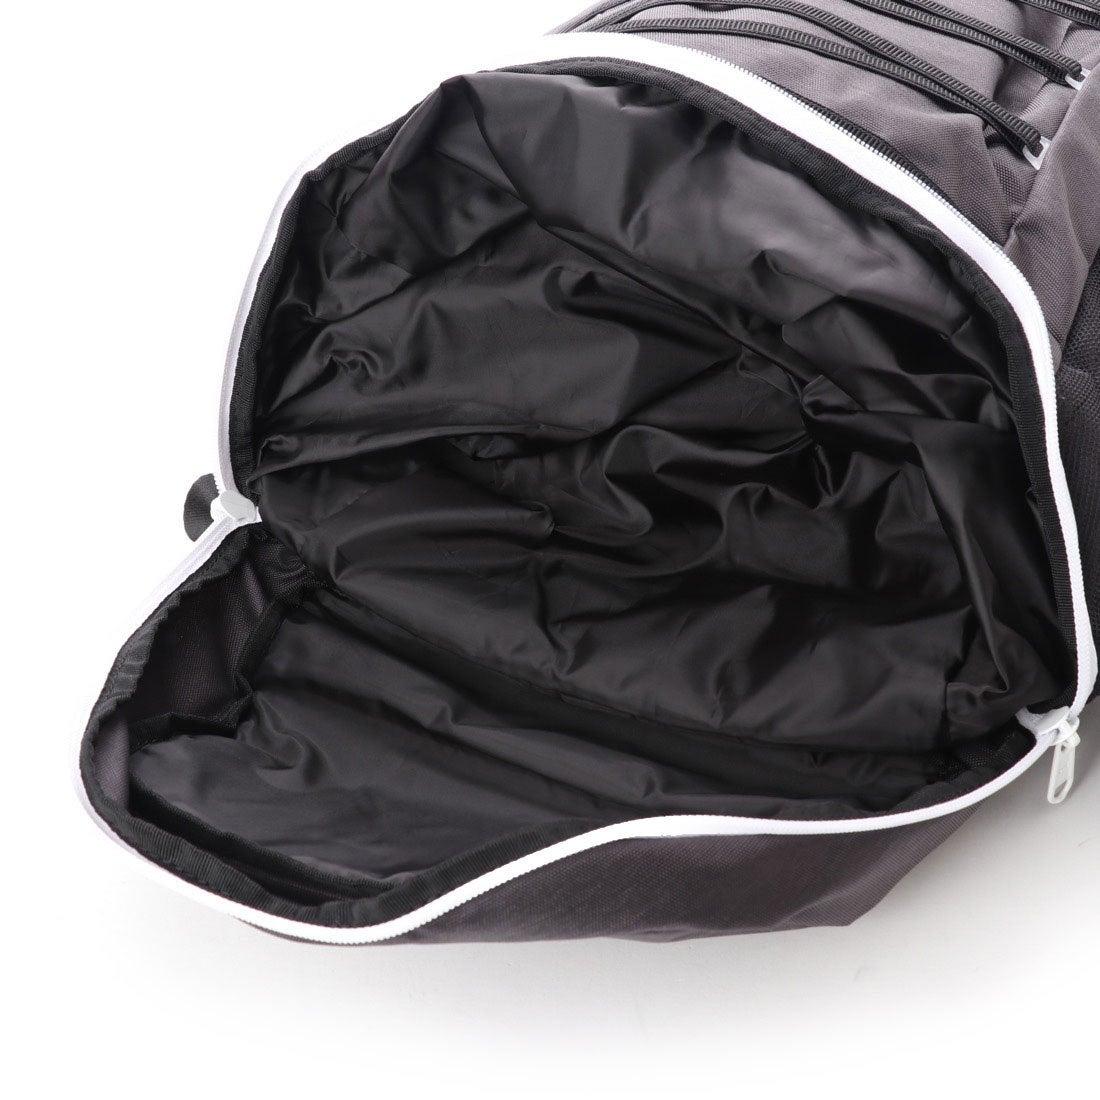 7ea52256299a アンダーアーマー UNDER ARMOUR レディース デイパック UA Tempo Backpack 1316408-スポーツ用品通販  アルペングループ(スポーツデポ・ゴルフ5・アルペン) ...